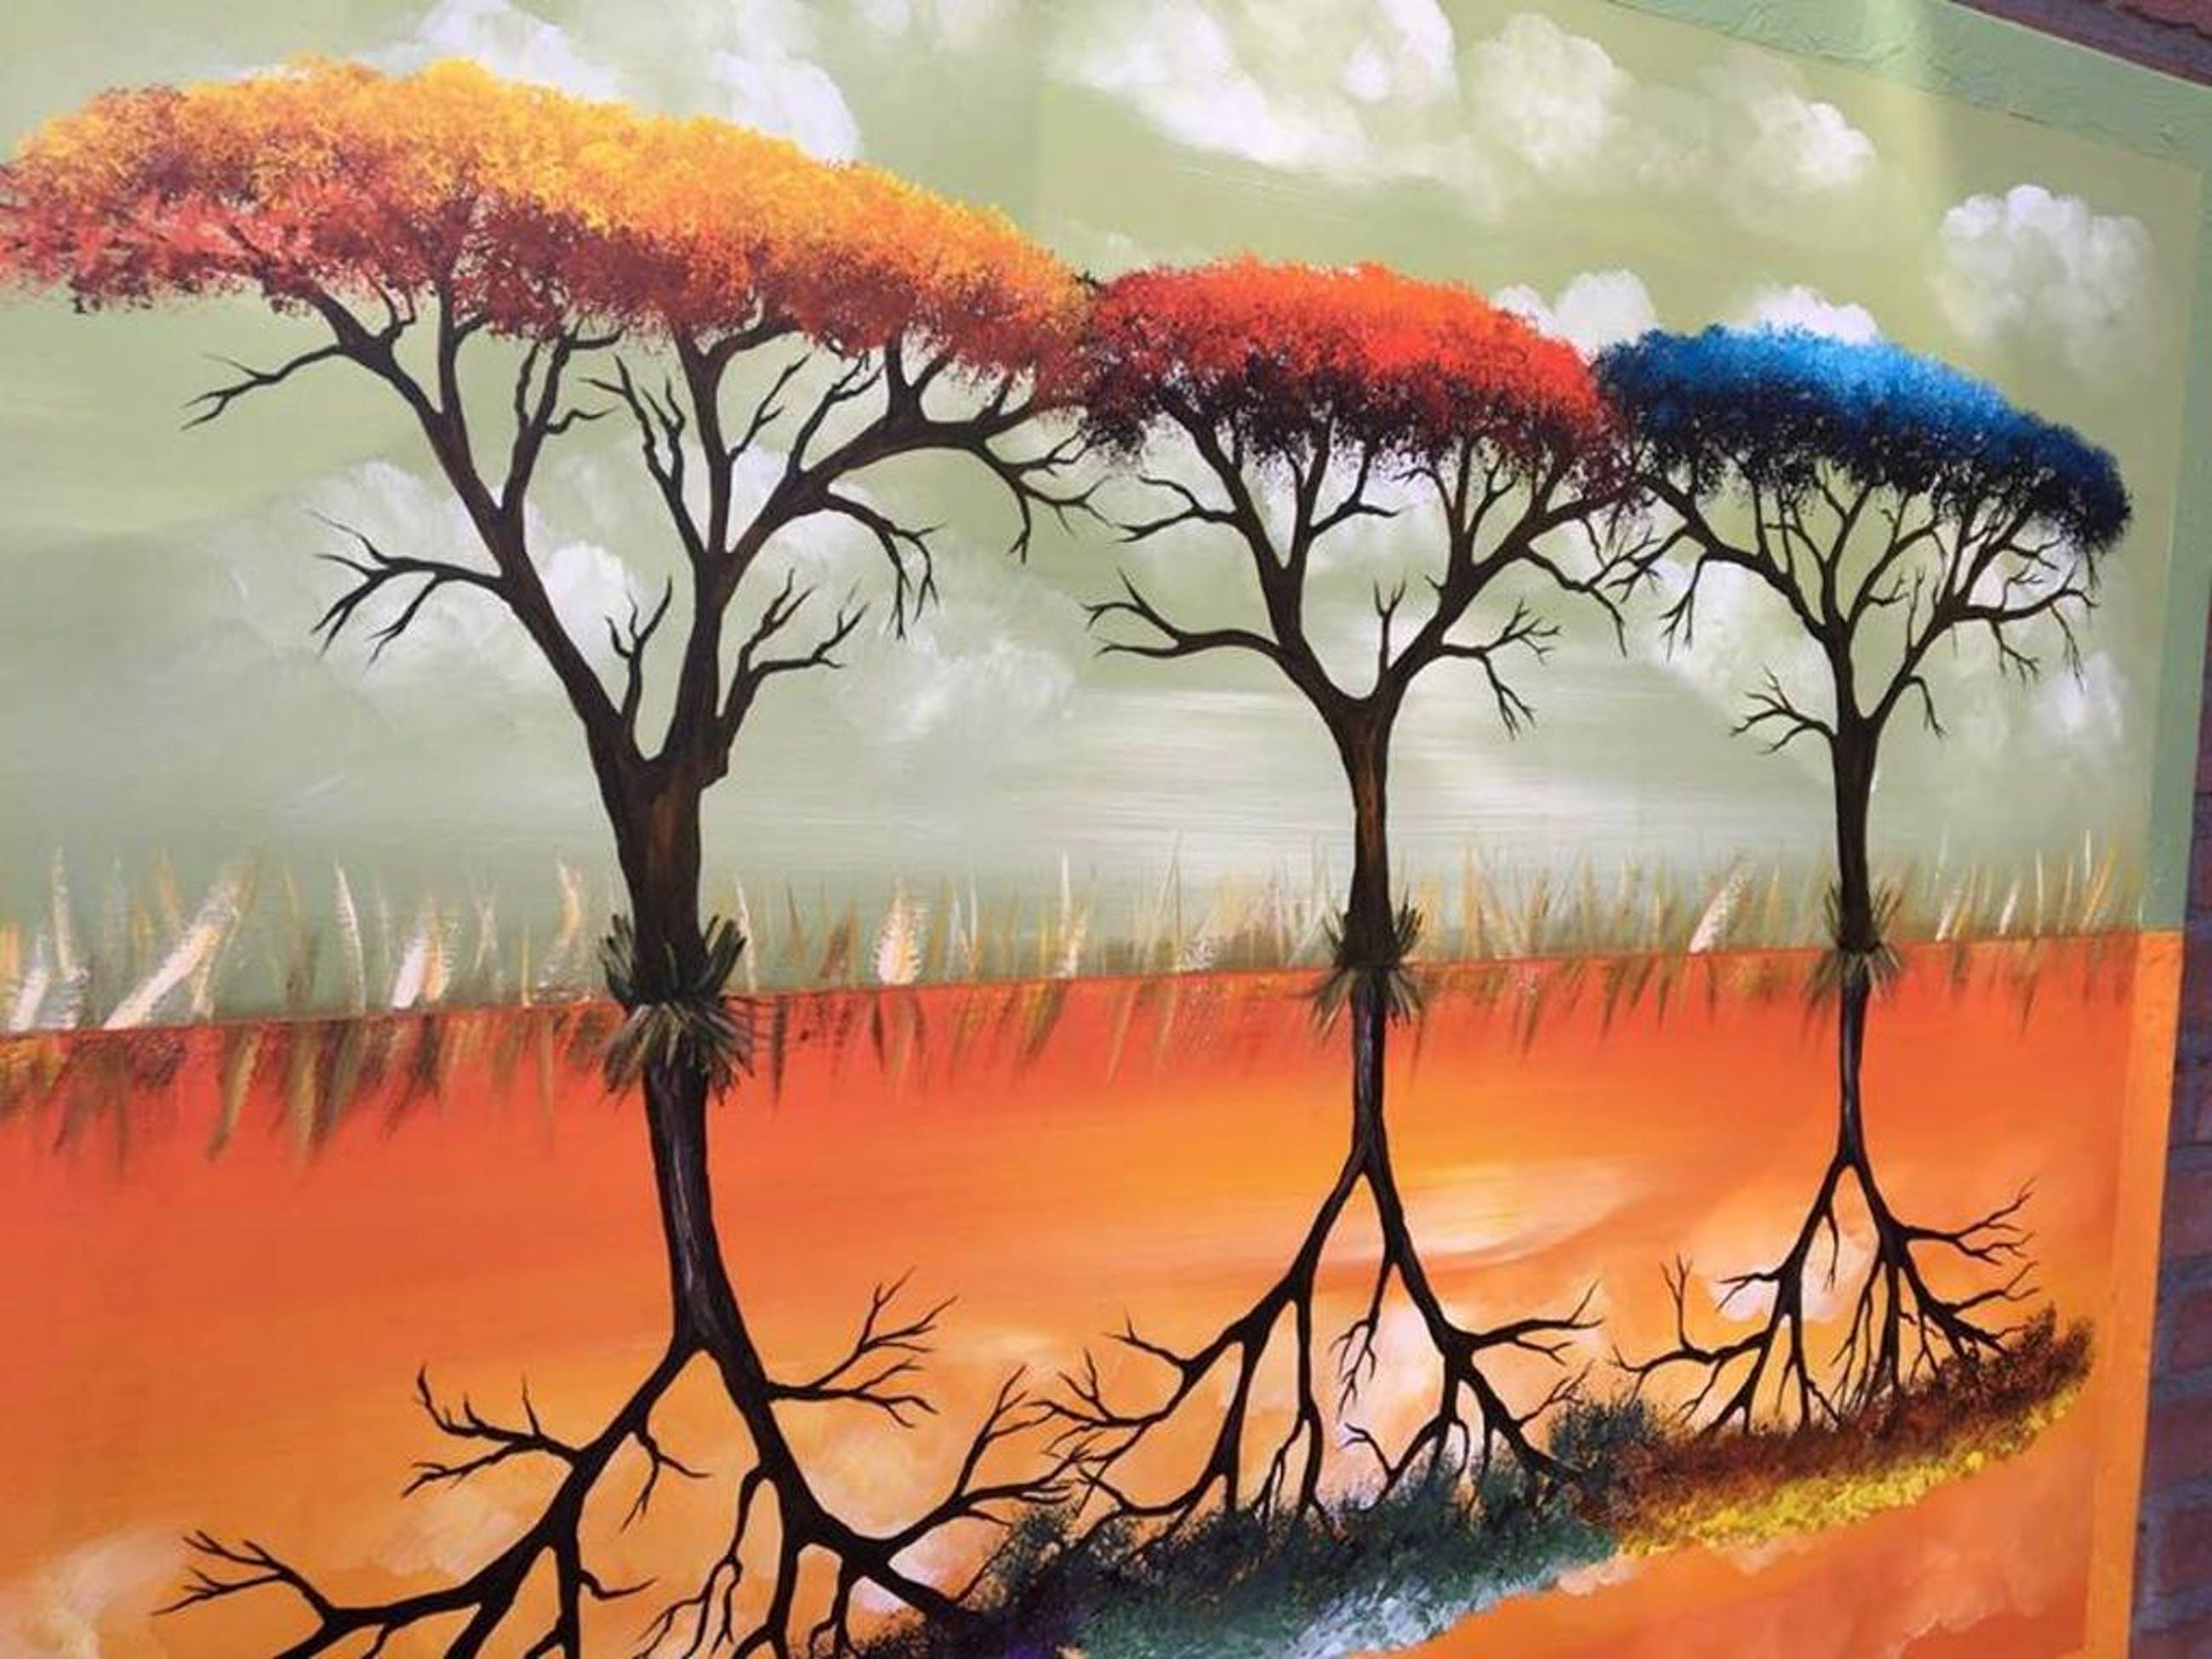 Gena - Bomen - acrylverf op doek - Gesigneerd - 2016 kopen? Bied vanaf 200!